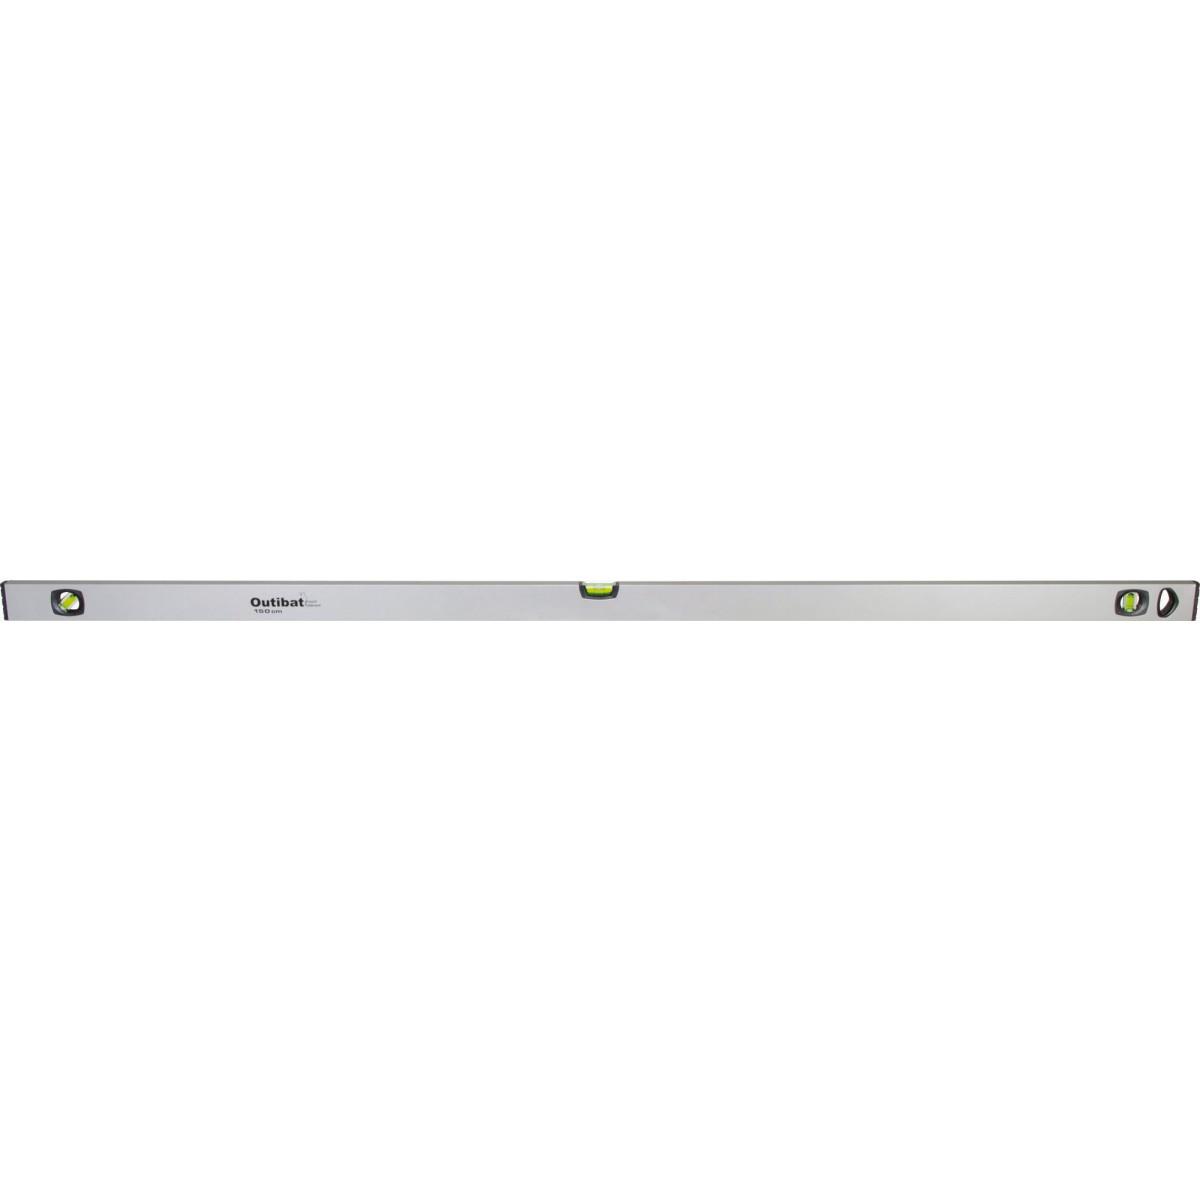 Niveau profilé aluminium Outibat - Longueur 150 cm